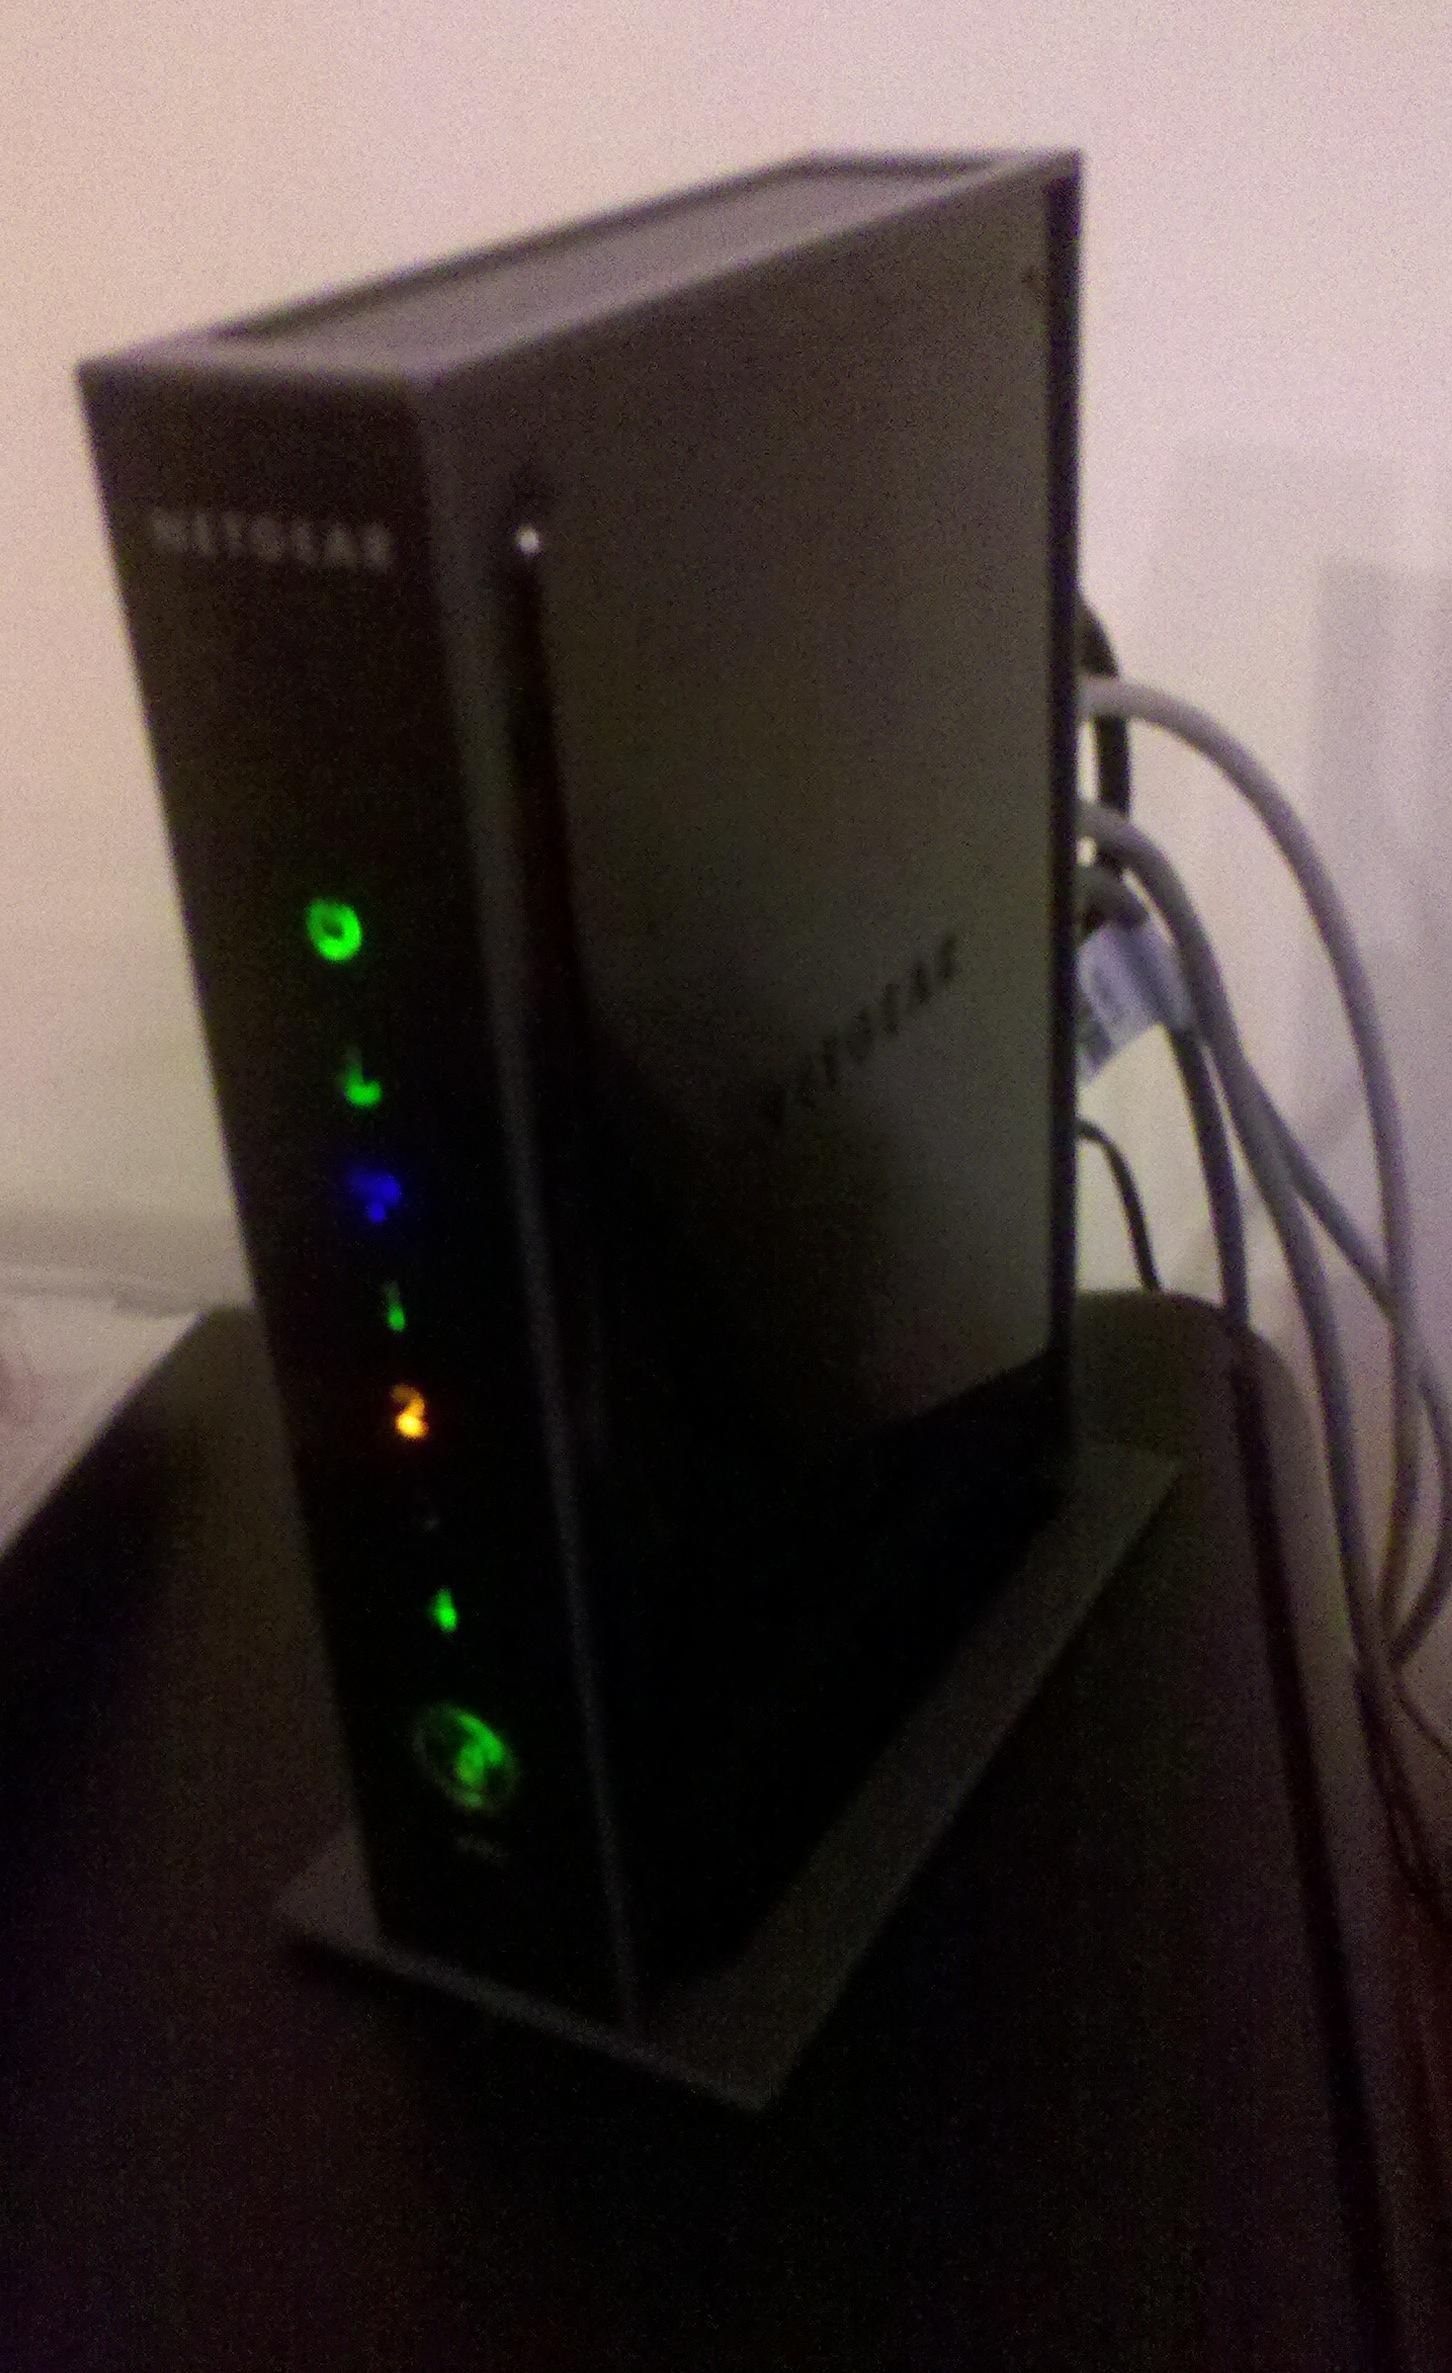 Fttp Install Bt Amp Netgear Modem Outside Wall Box